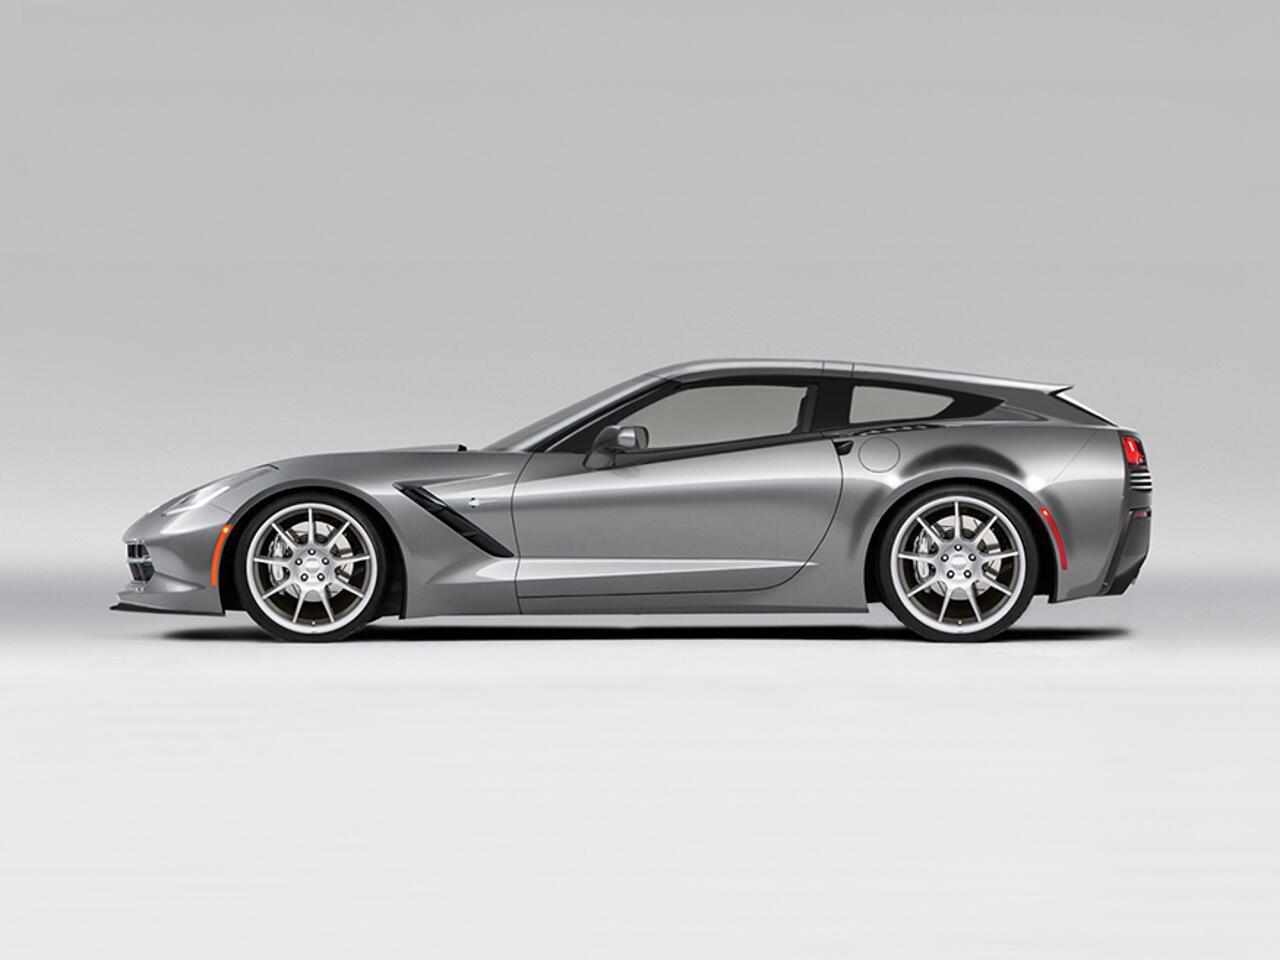 Bild zu Callaway Aerowagon: Corvette mit neuer Heckpartie